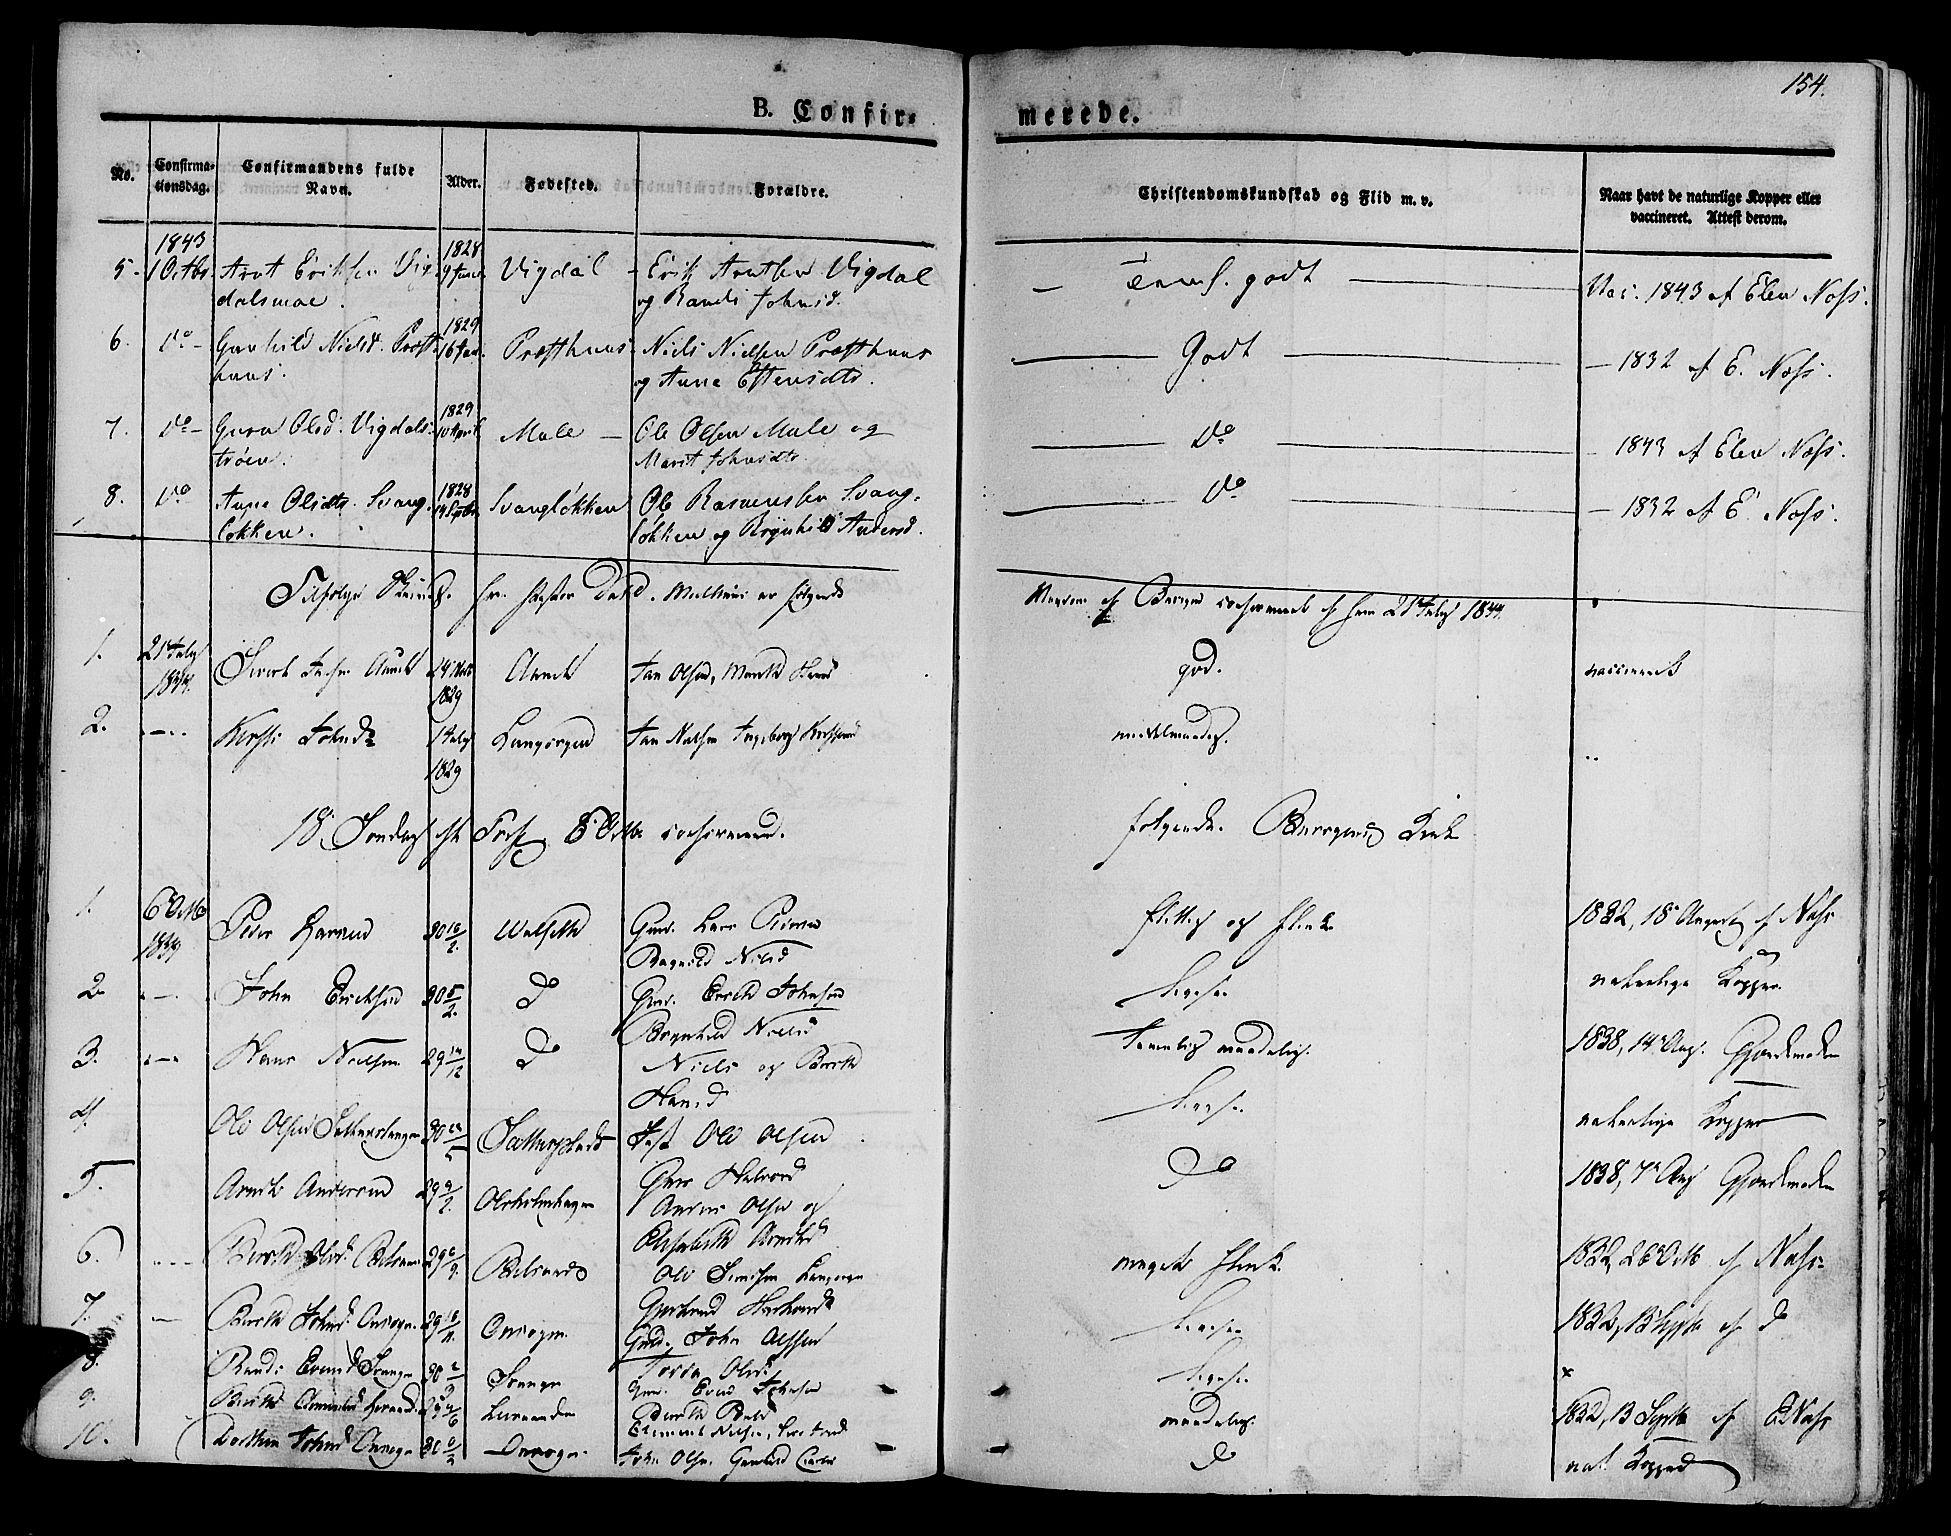 SAT, Ministerialprotokoller, klokkerbøker og fødselsregistre - Sør-Trøndelag, 612/L0375: Ministerialbok nr. 612A07 /2, 1829-1845, s. 154